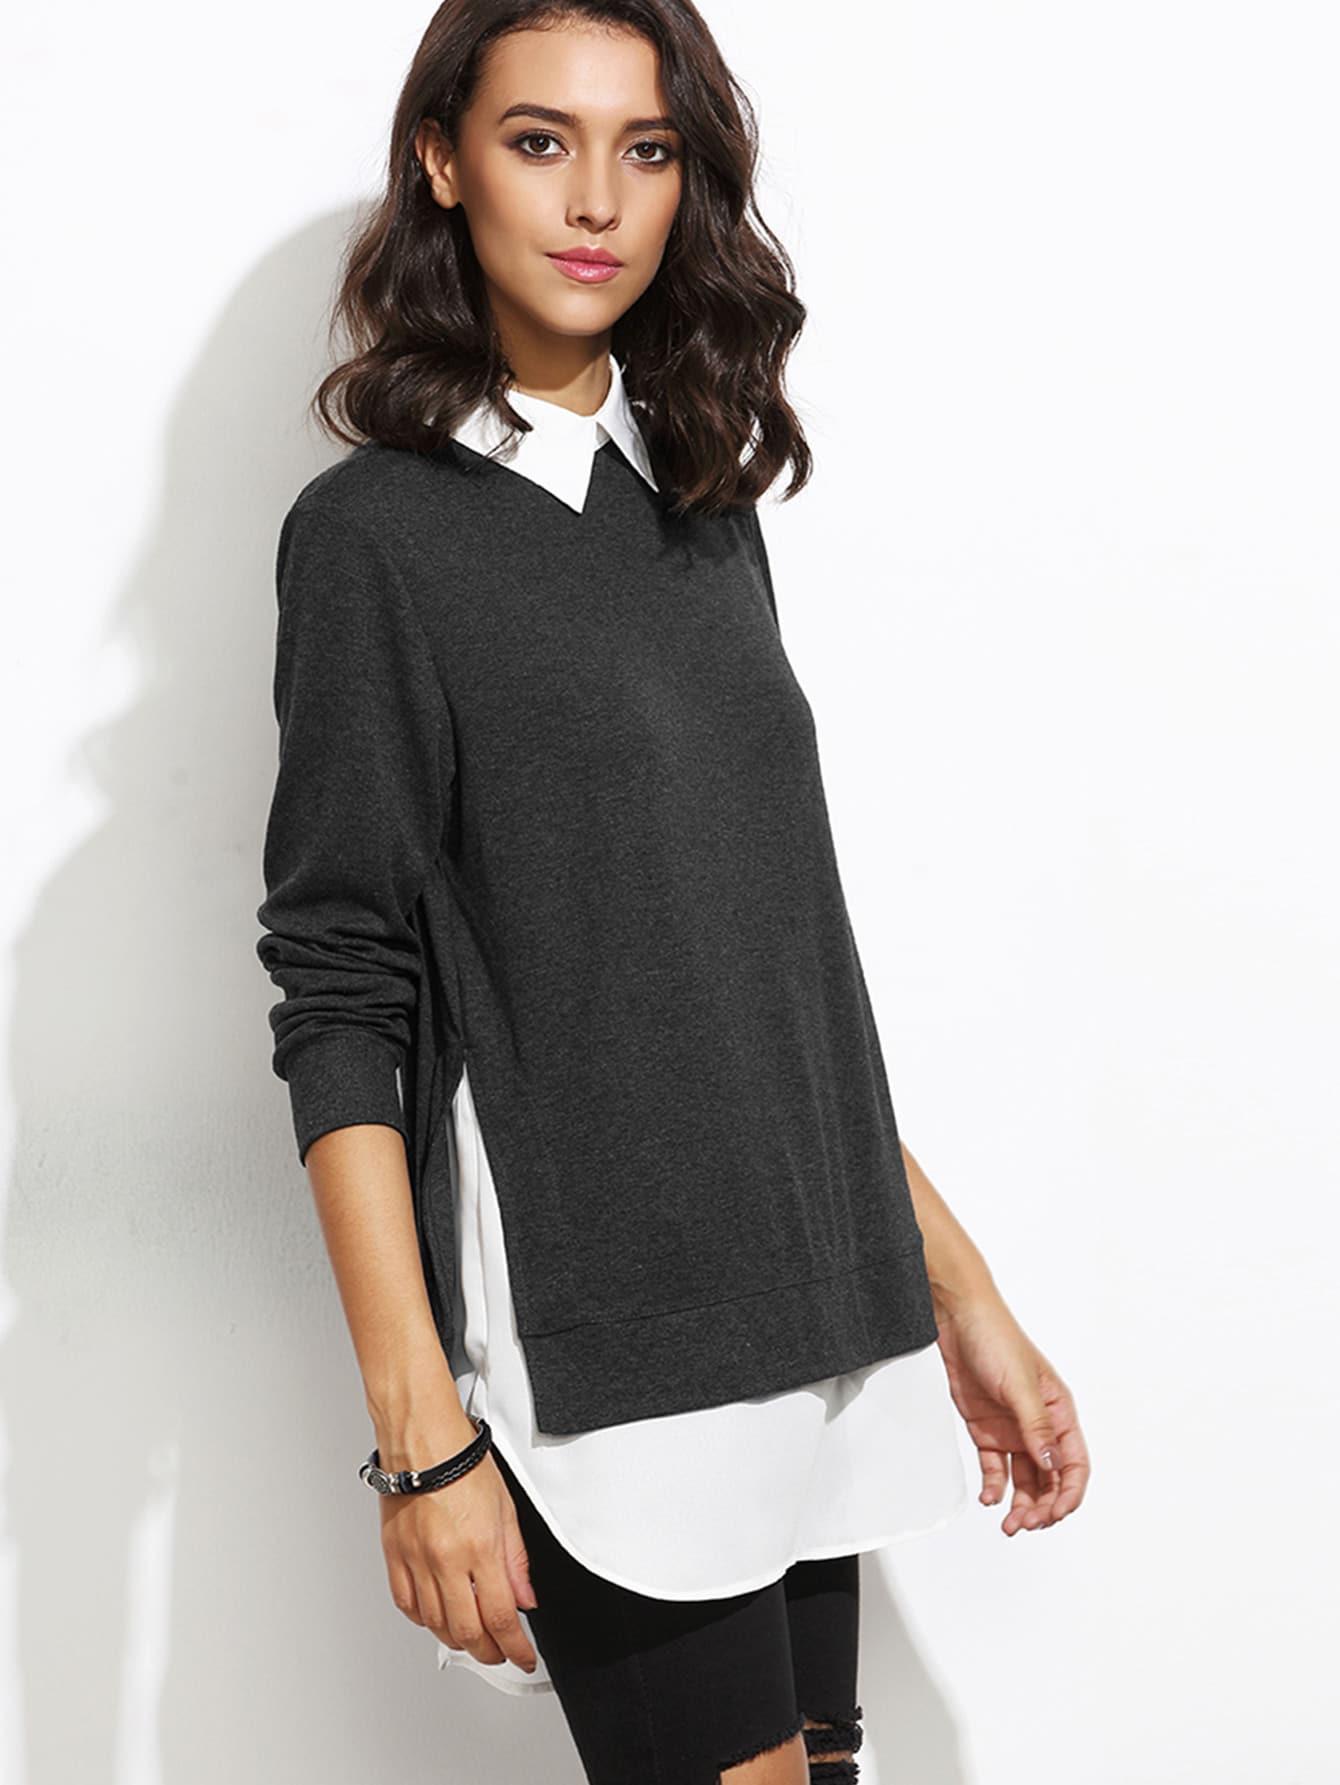 2 in 1 Sweatshirt mit kontrastfarbigem Kragen - schwarz